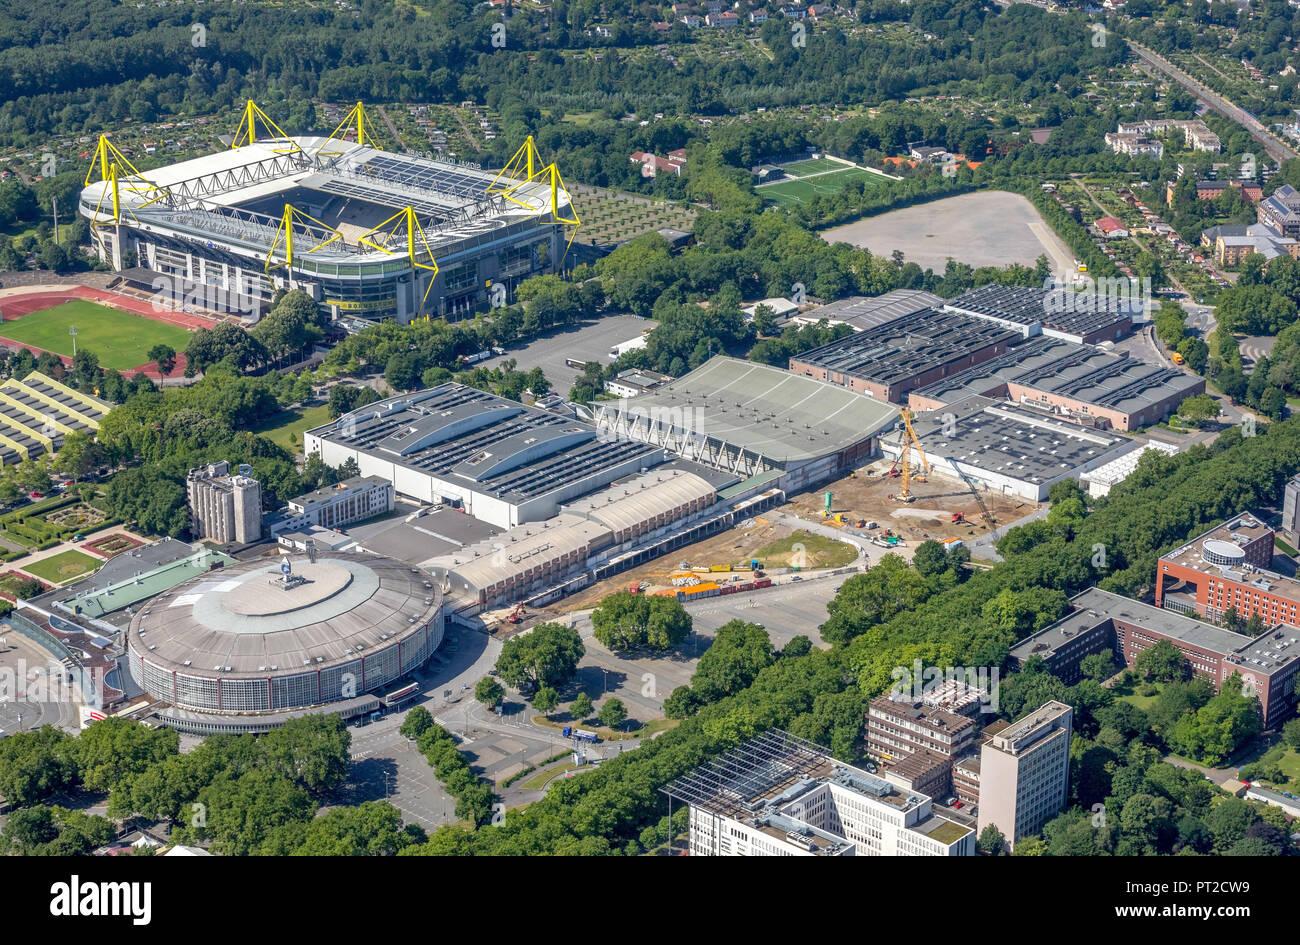 Messe Westfalenhallen Dortmund - Entrance Messe West, reconstruction work, near Westfalen Stadium, SignalIdunaPark, Westfalenhalle, Dortmund, Ruhr area, North Rhine-Westphalia, Germany - Stock Image